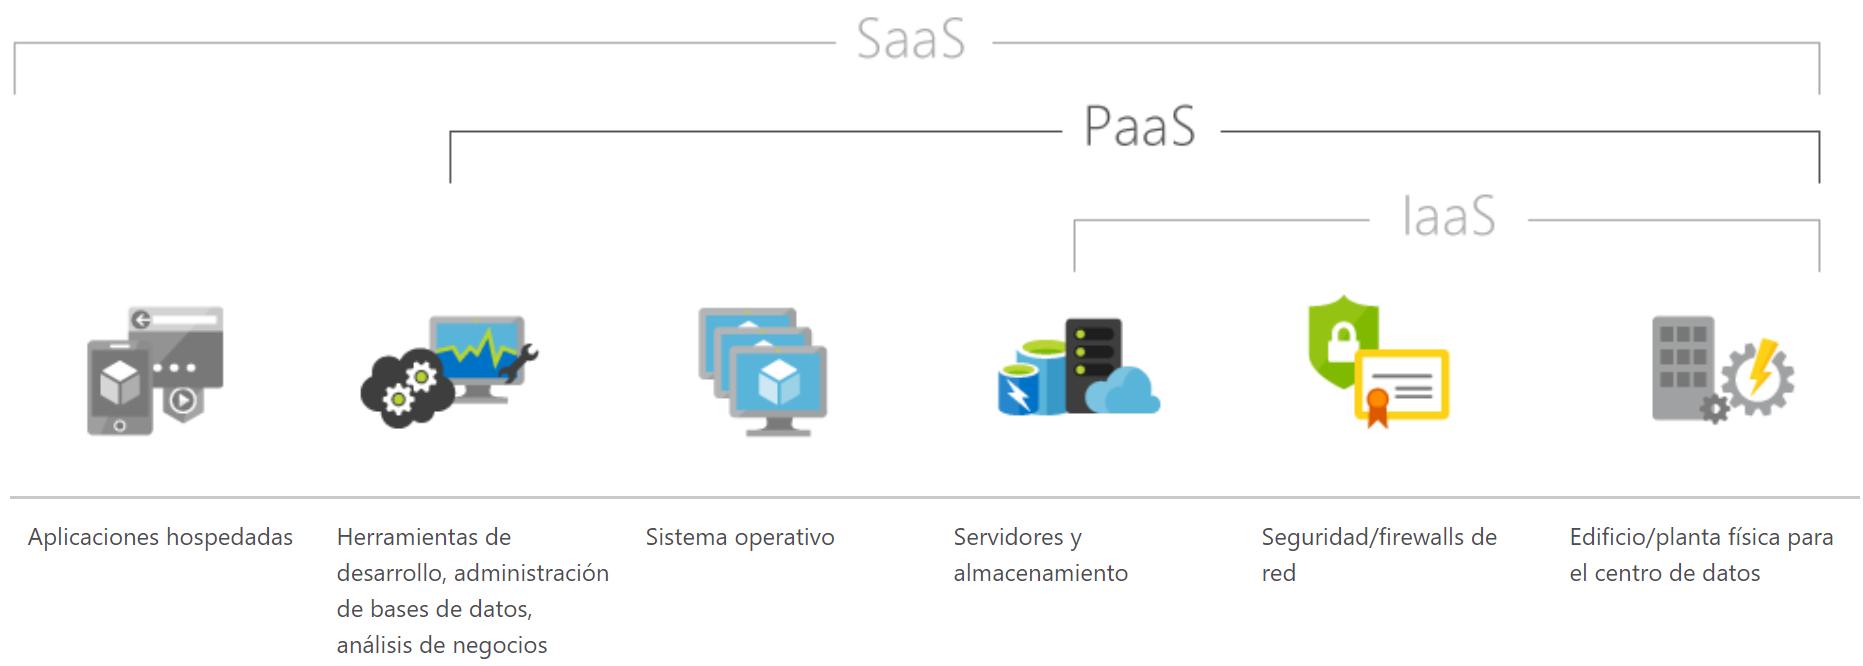 Servicio de Datacenter PaaS